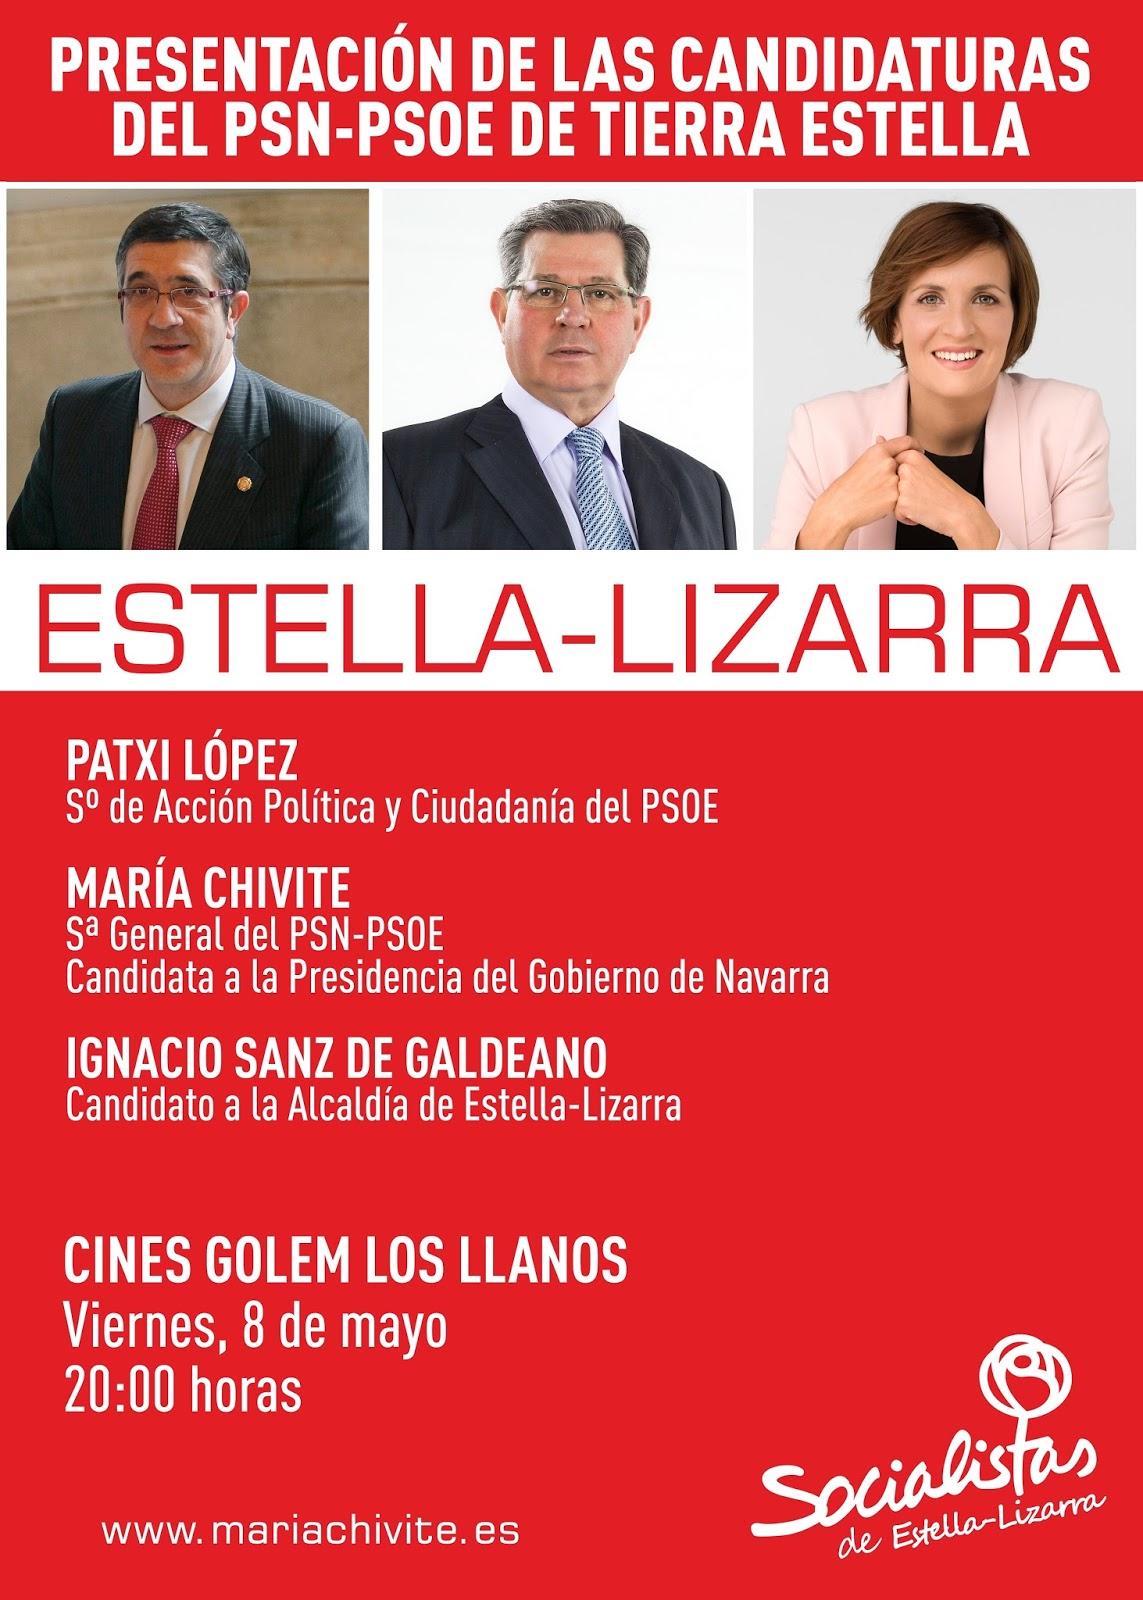 Presentación Candidaturas PSN-PSOE Tierra Estella